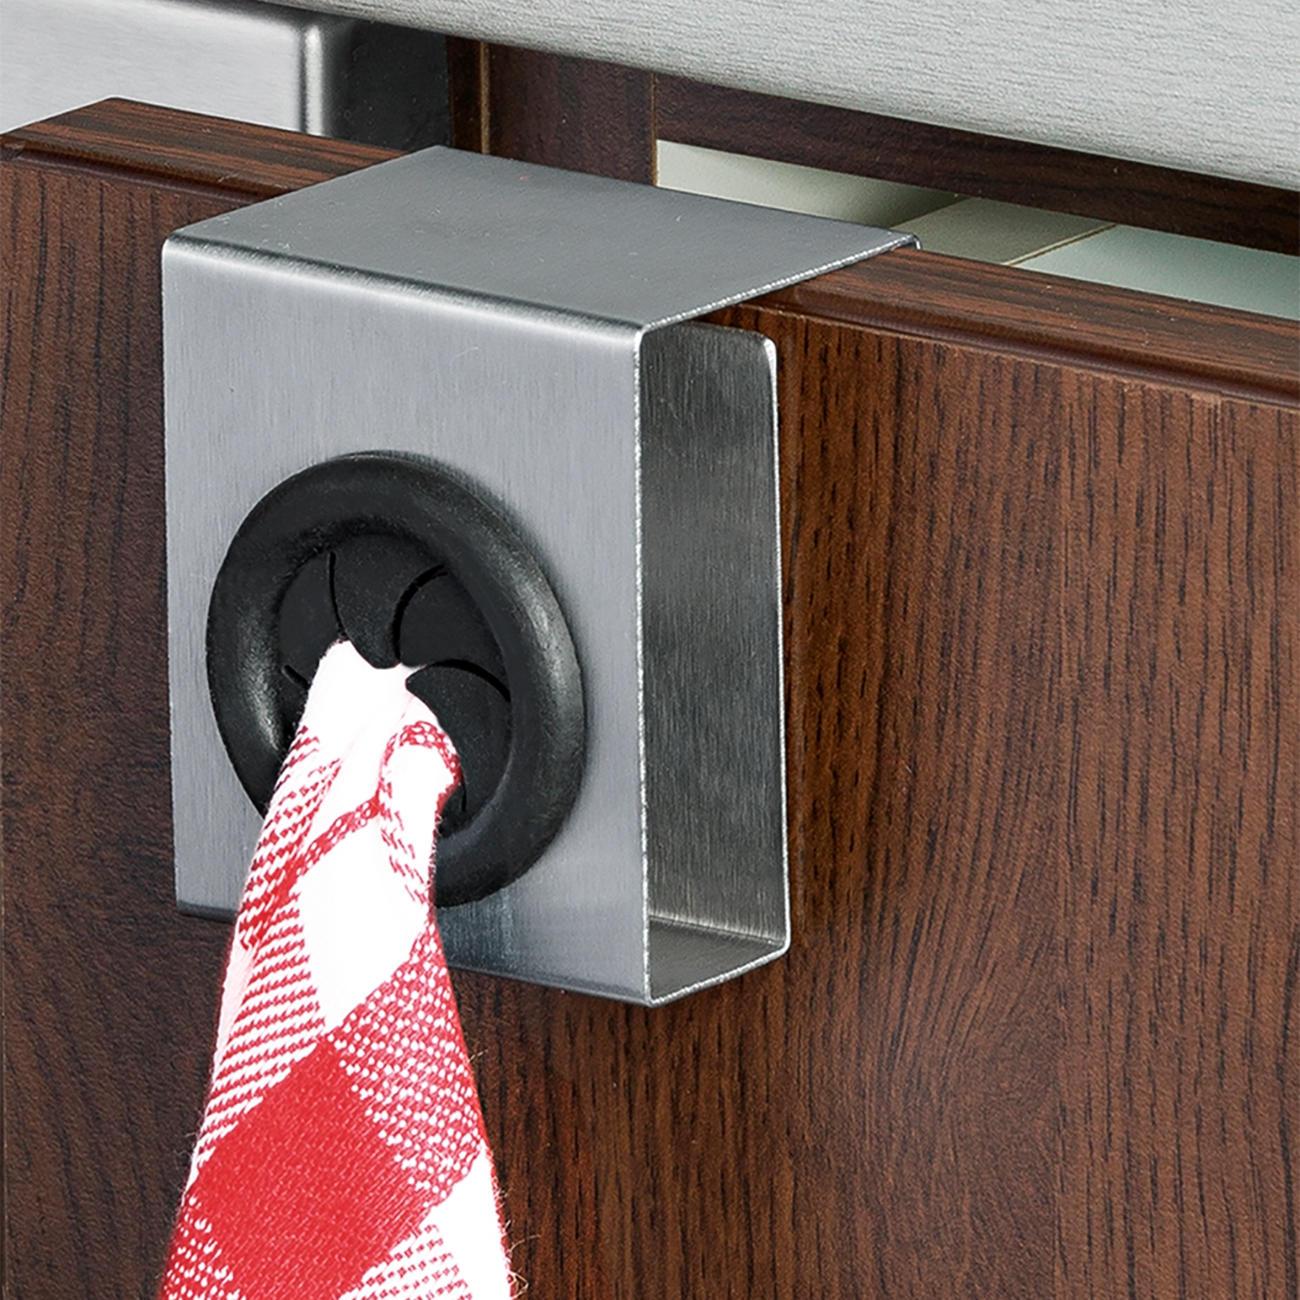 Full Size of Handtuchhalter Küche Amazon Handtuchhalter Küche Handtuchhalter Küche Edelstahl Teleskop Handtuchhalter Küche Küche Handtuchhalter Küche